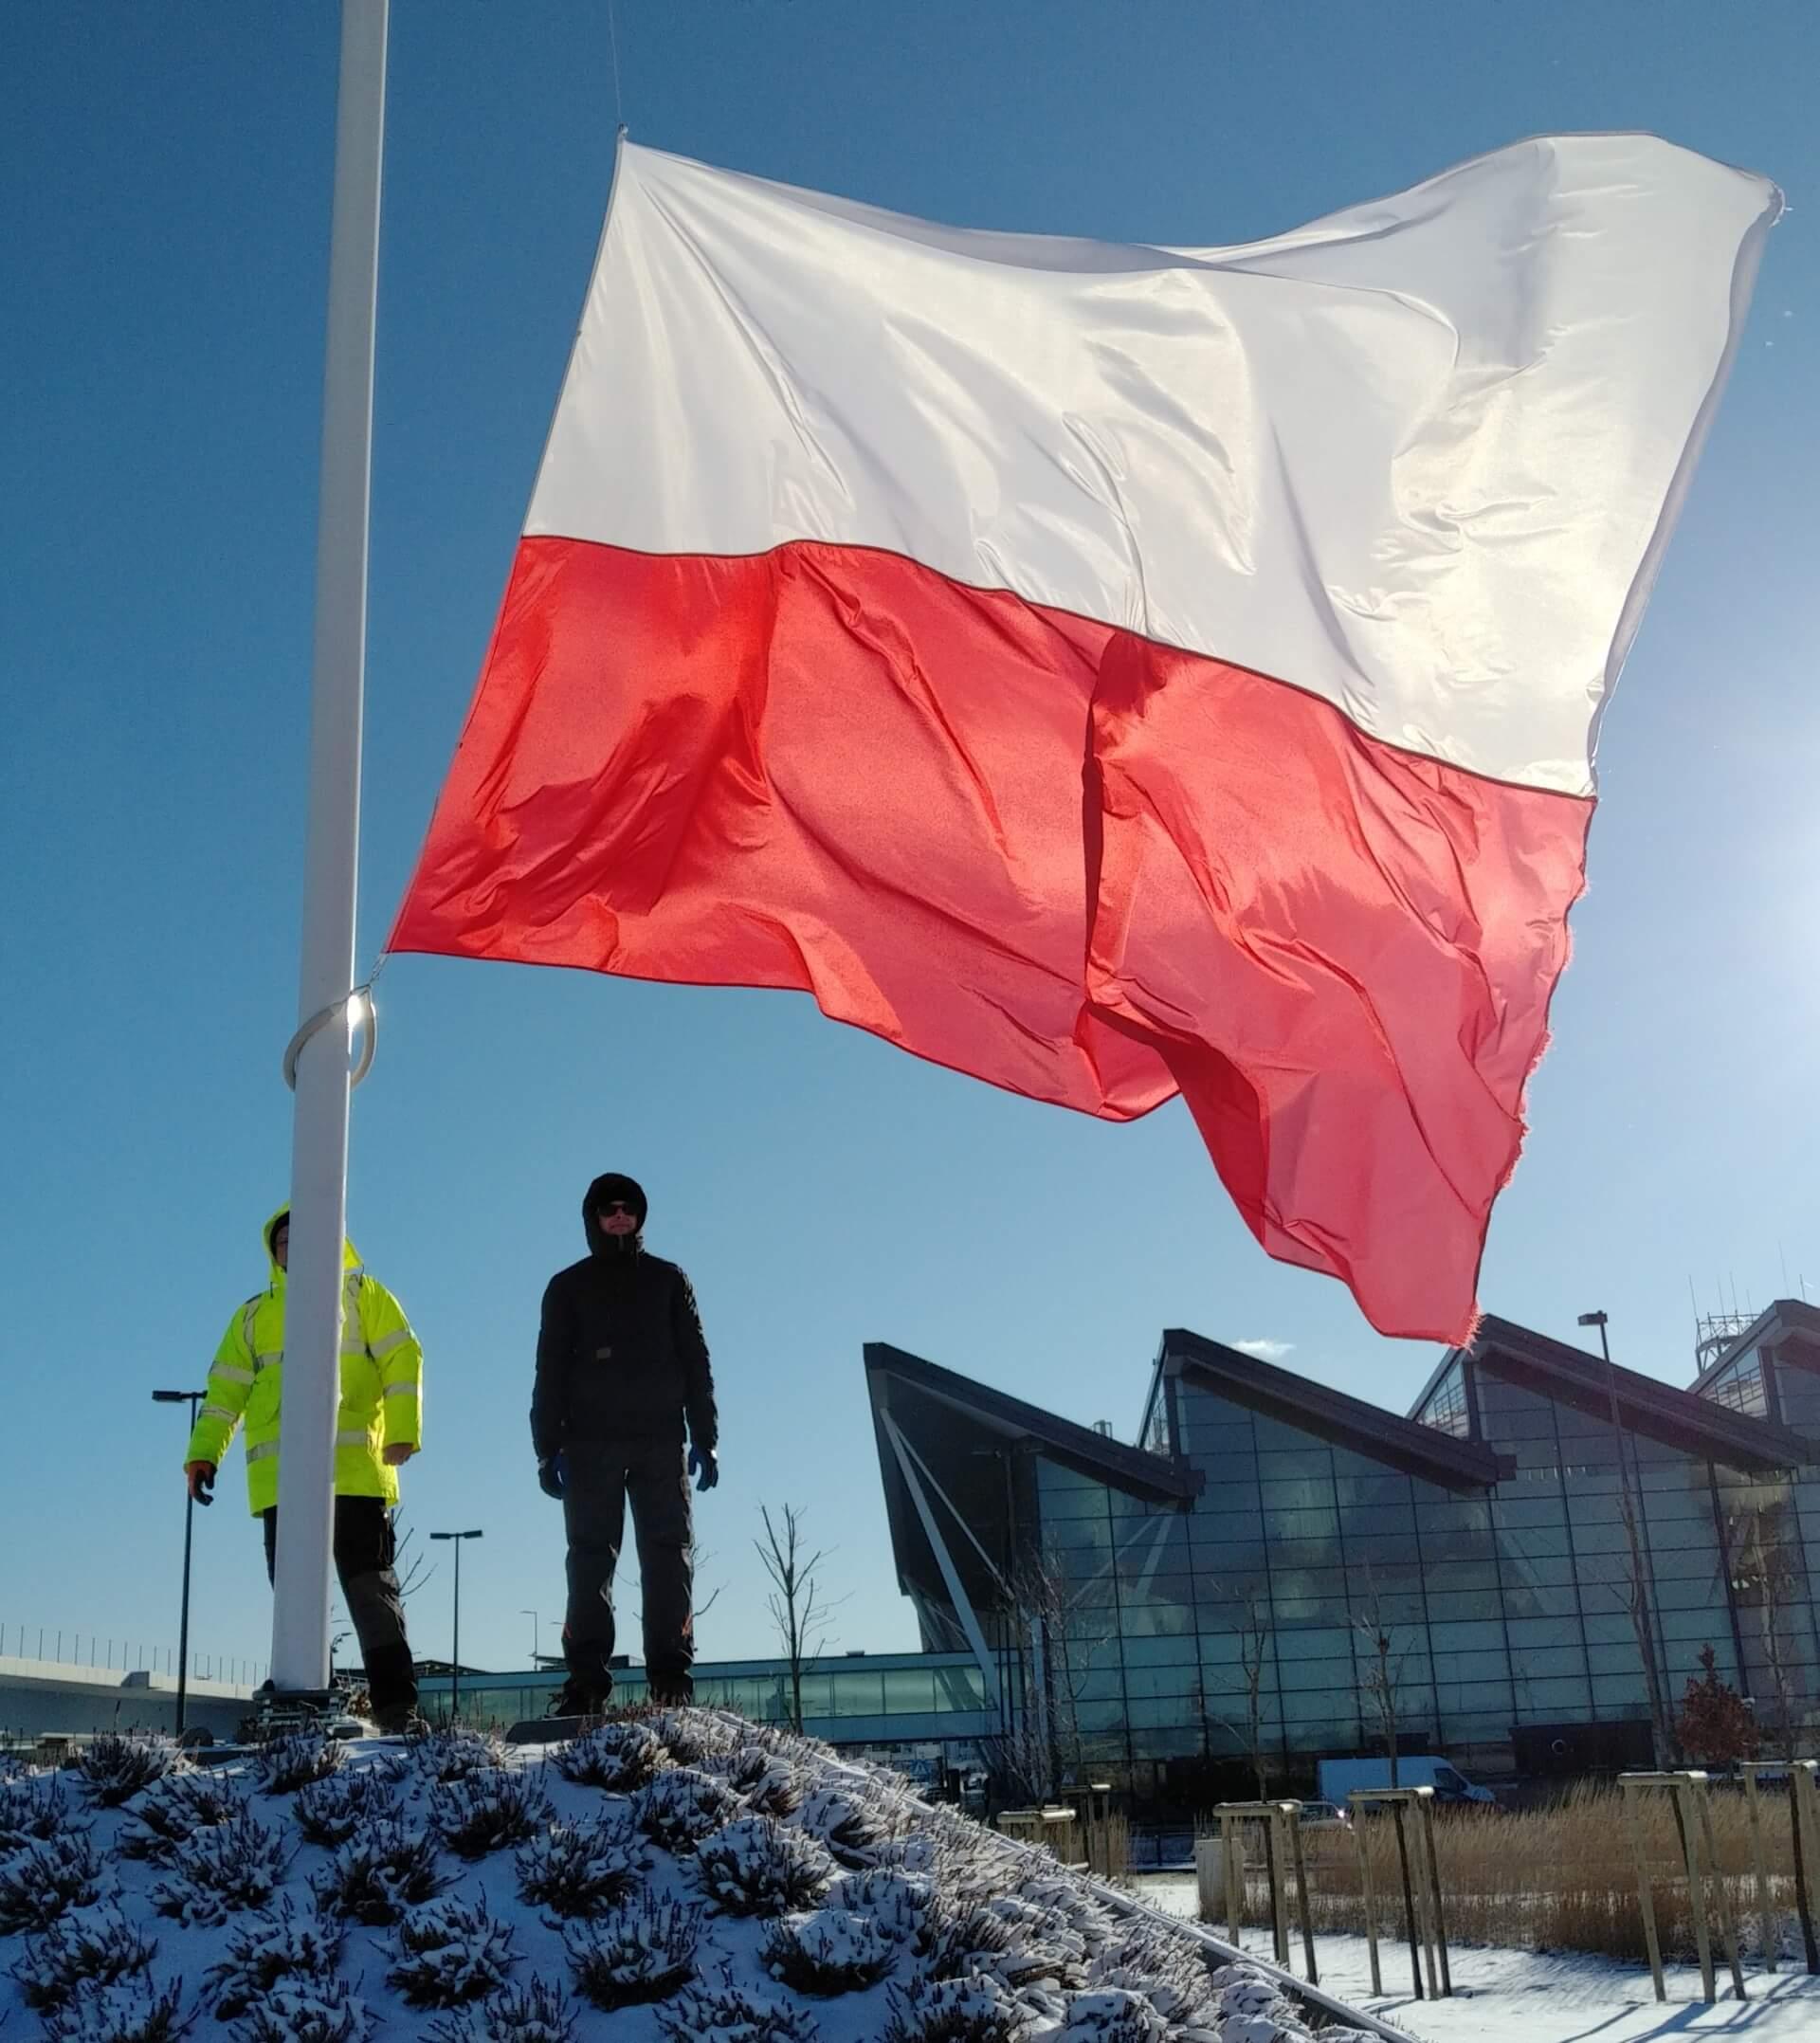 flaga Polska na maszcie